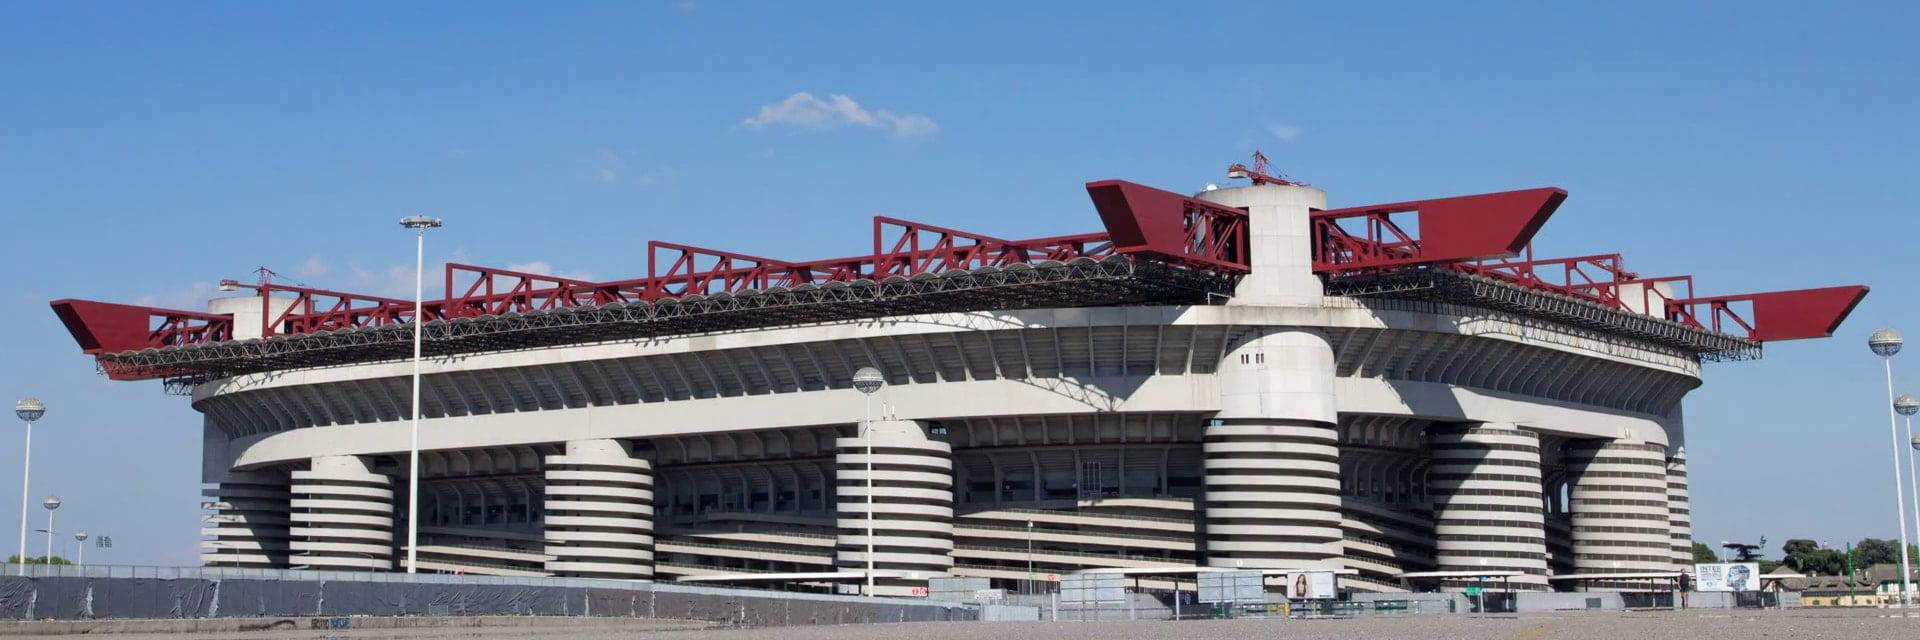 AC Milan - Inter Milan, 7 Novemberum 20:45